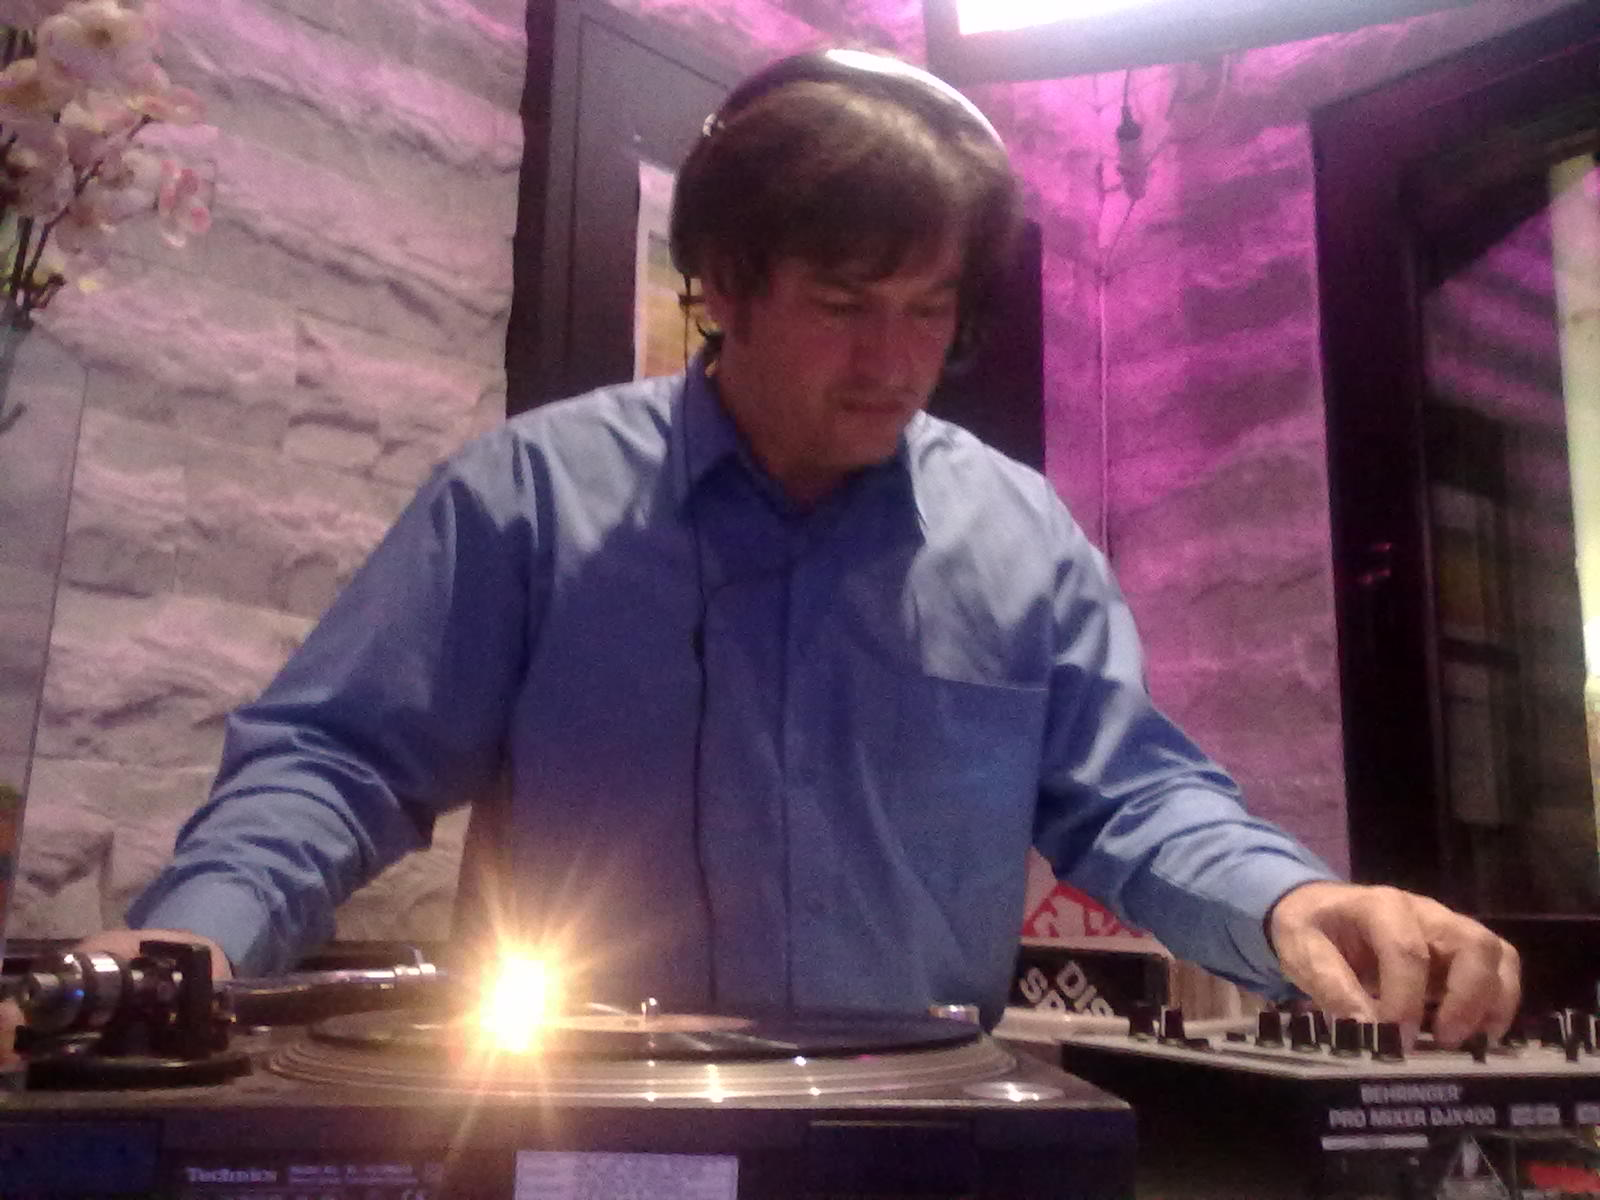 Luca Vecchietti - oldman dj